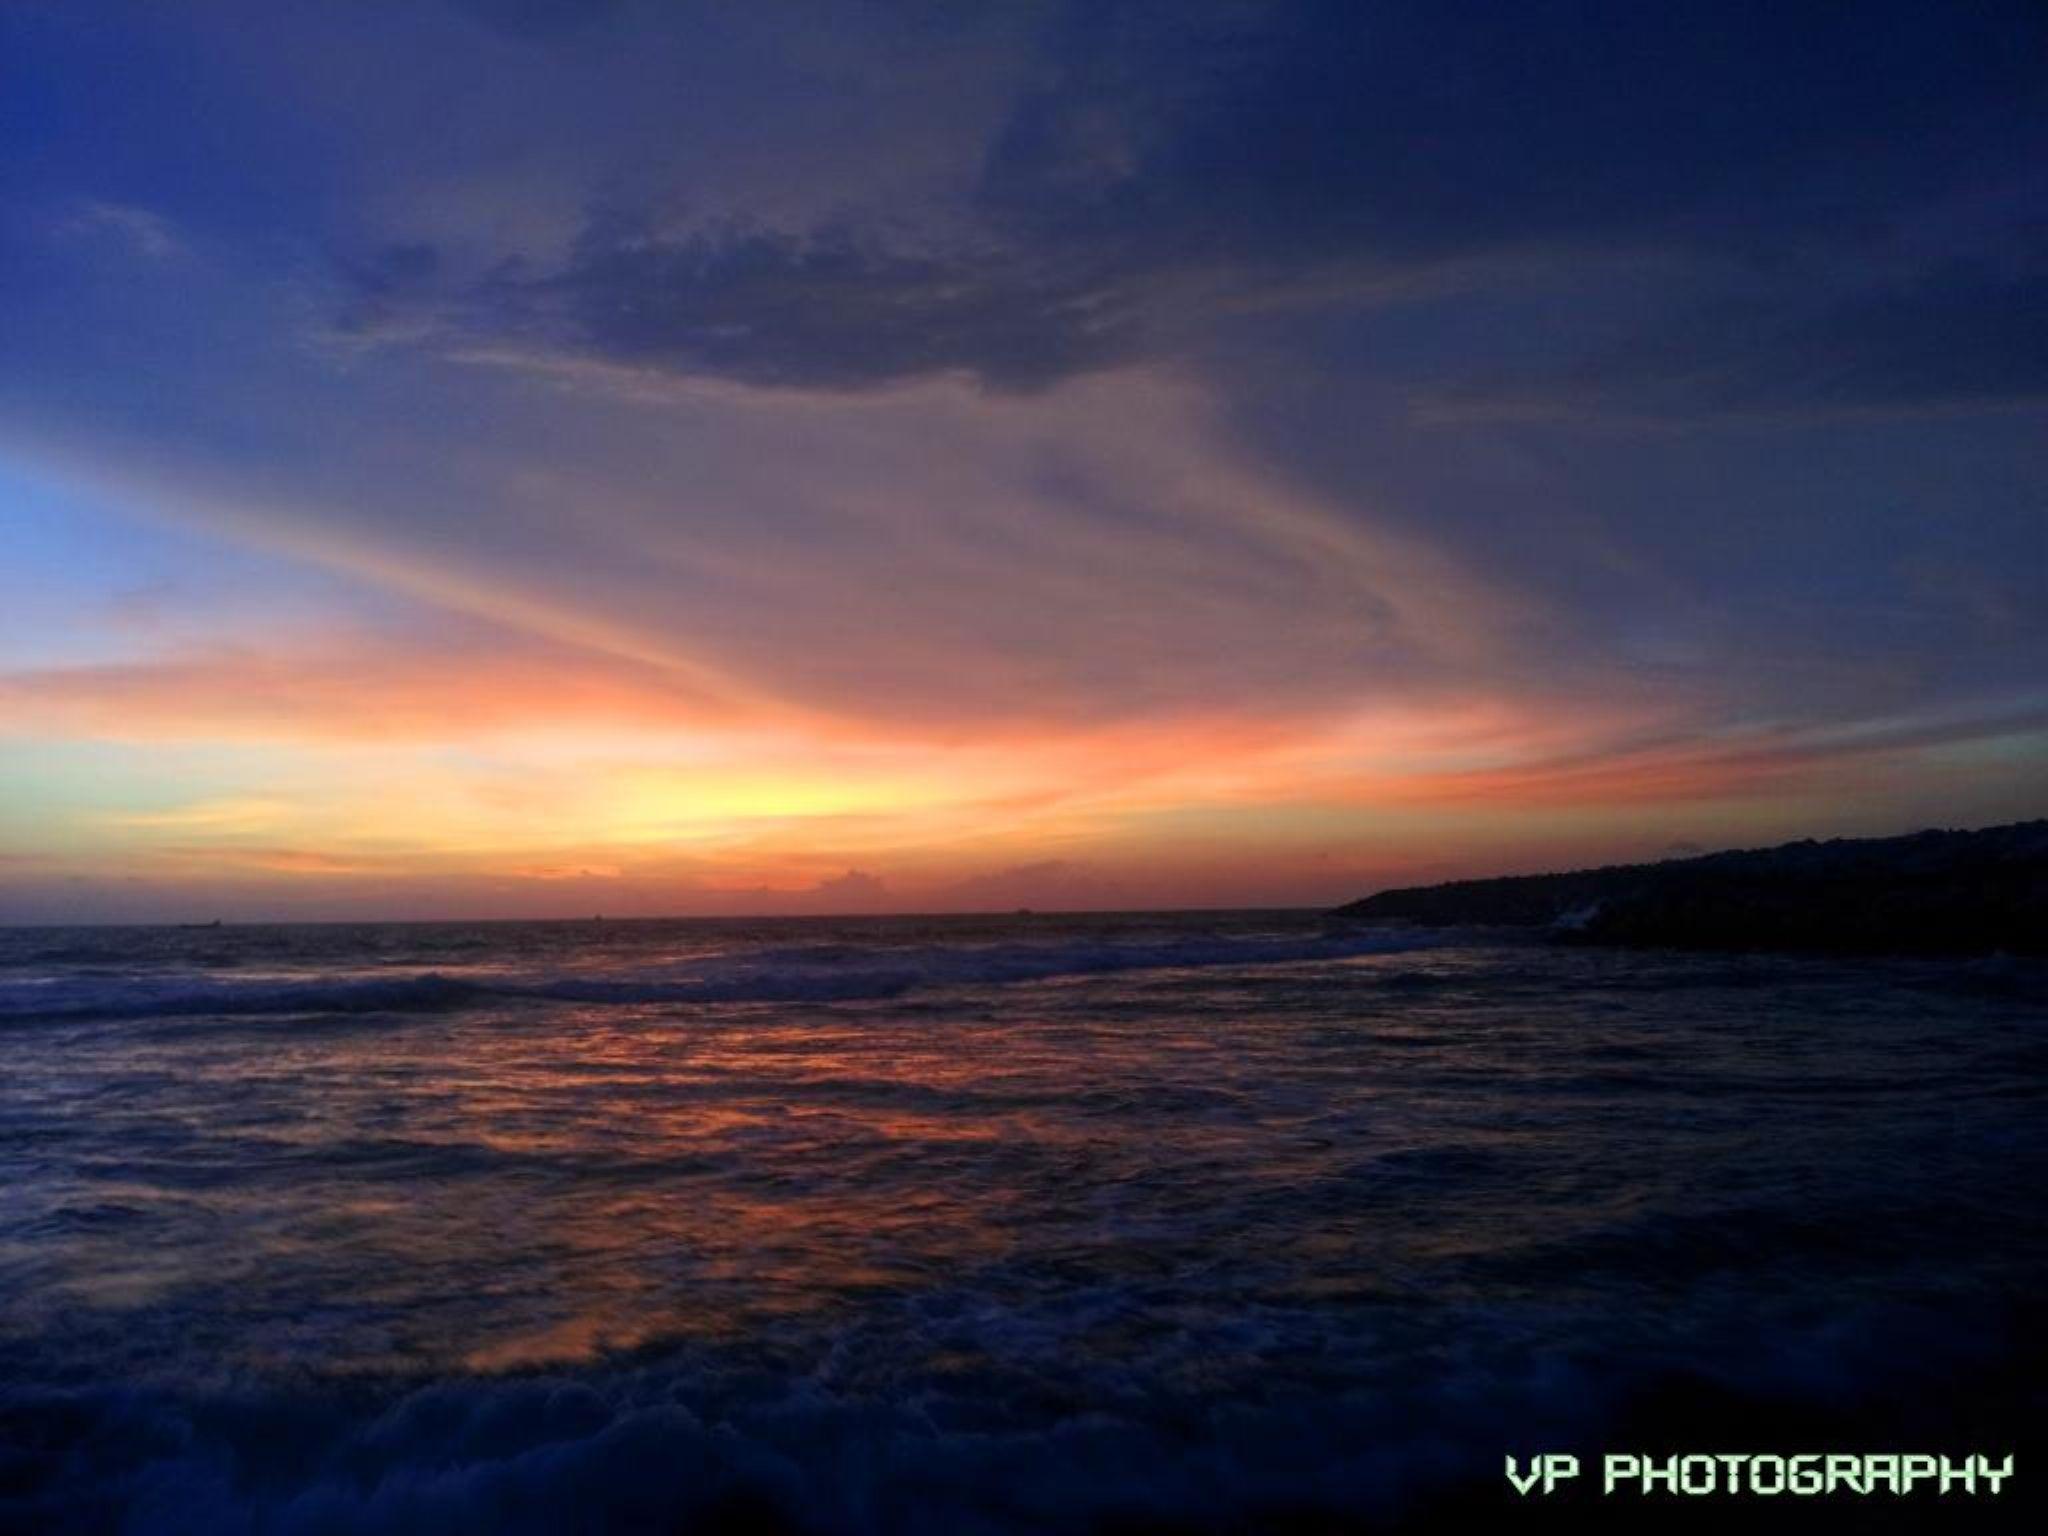 A Sunset View by vishnu.prasad.71404976